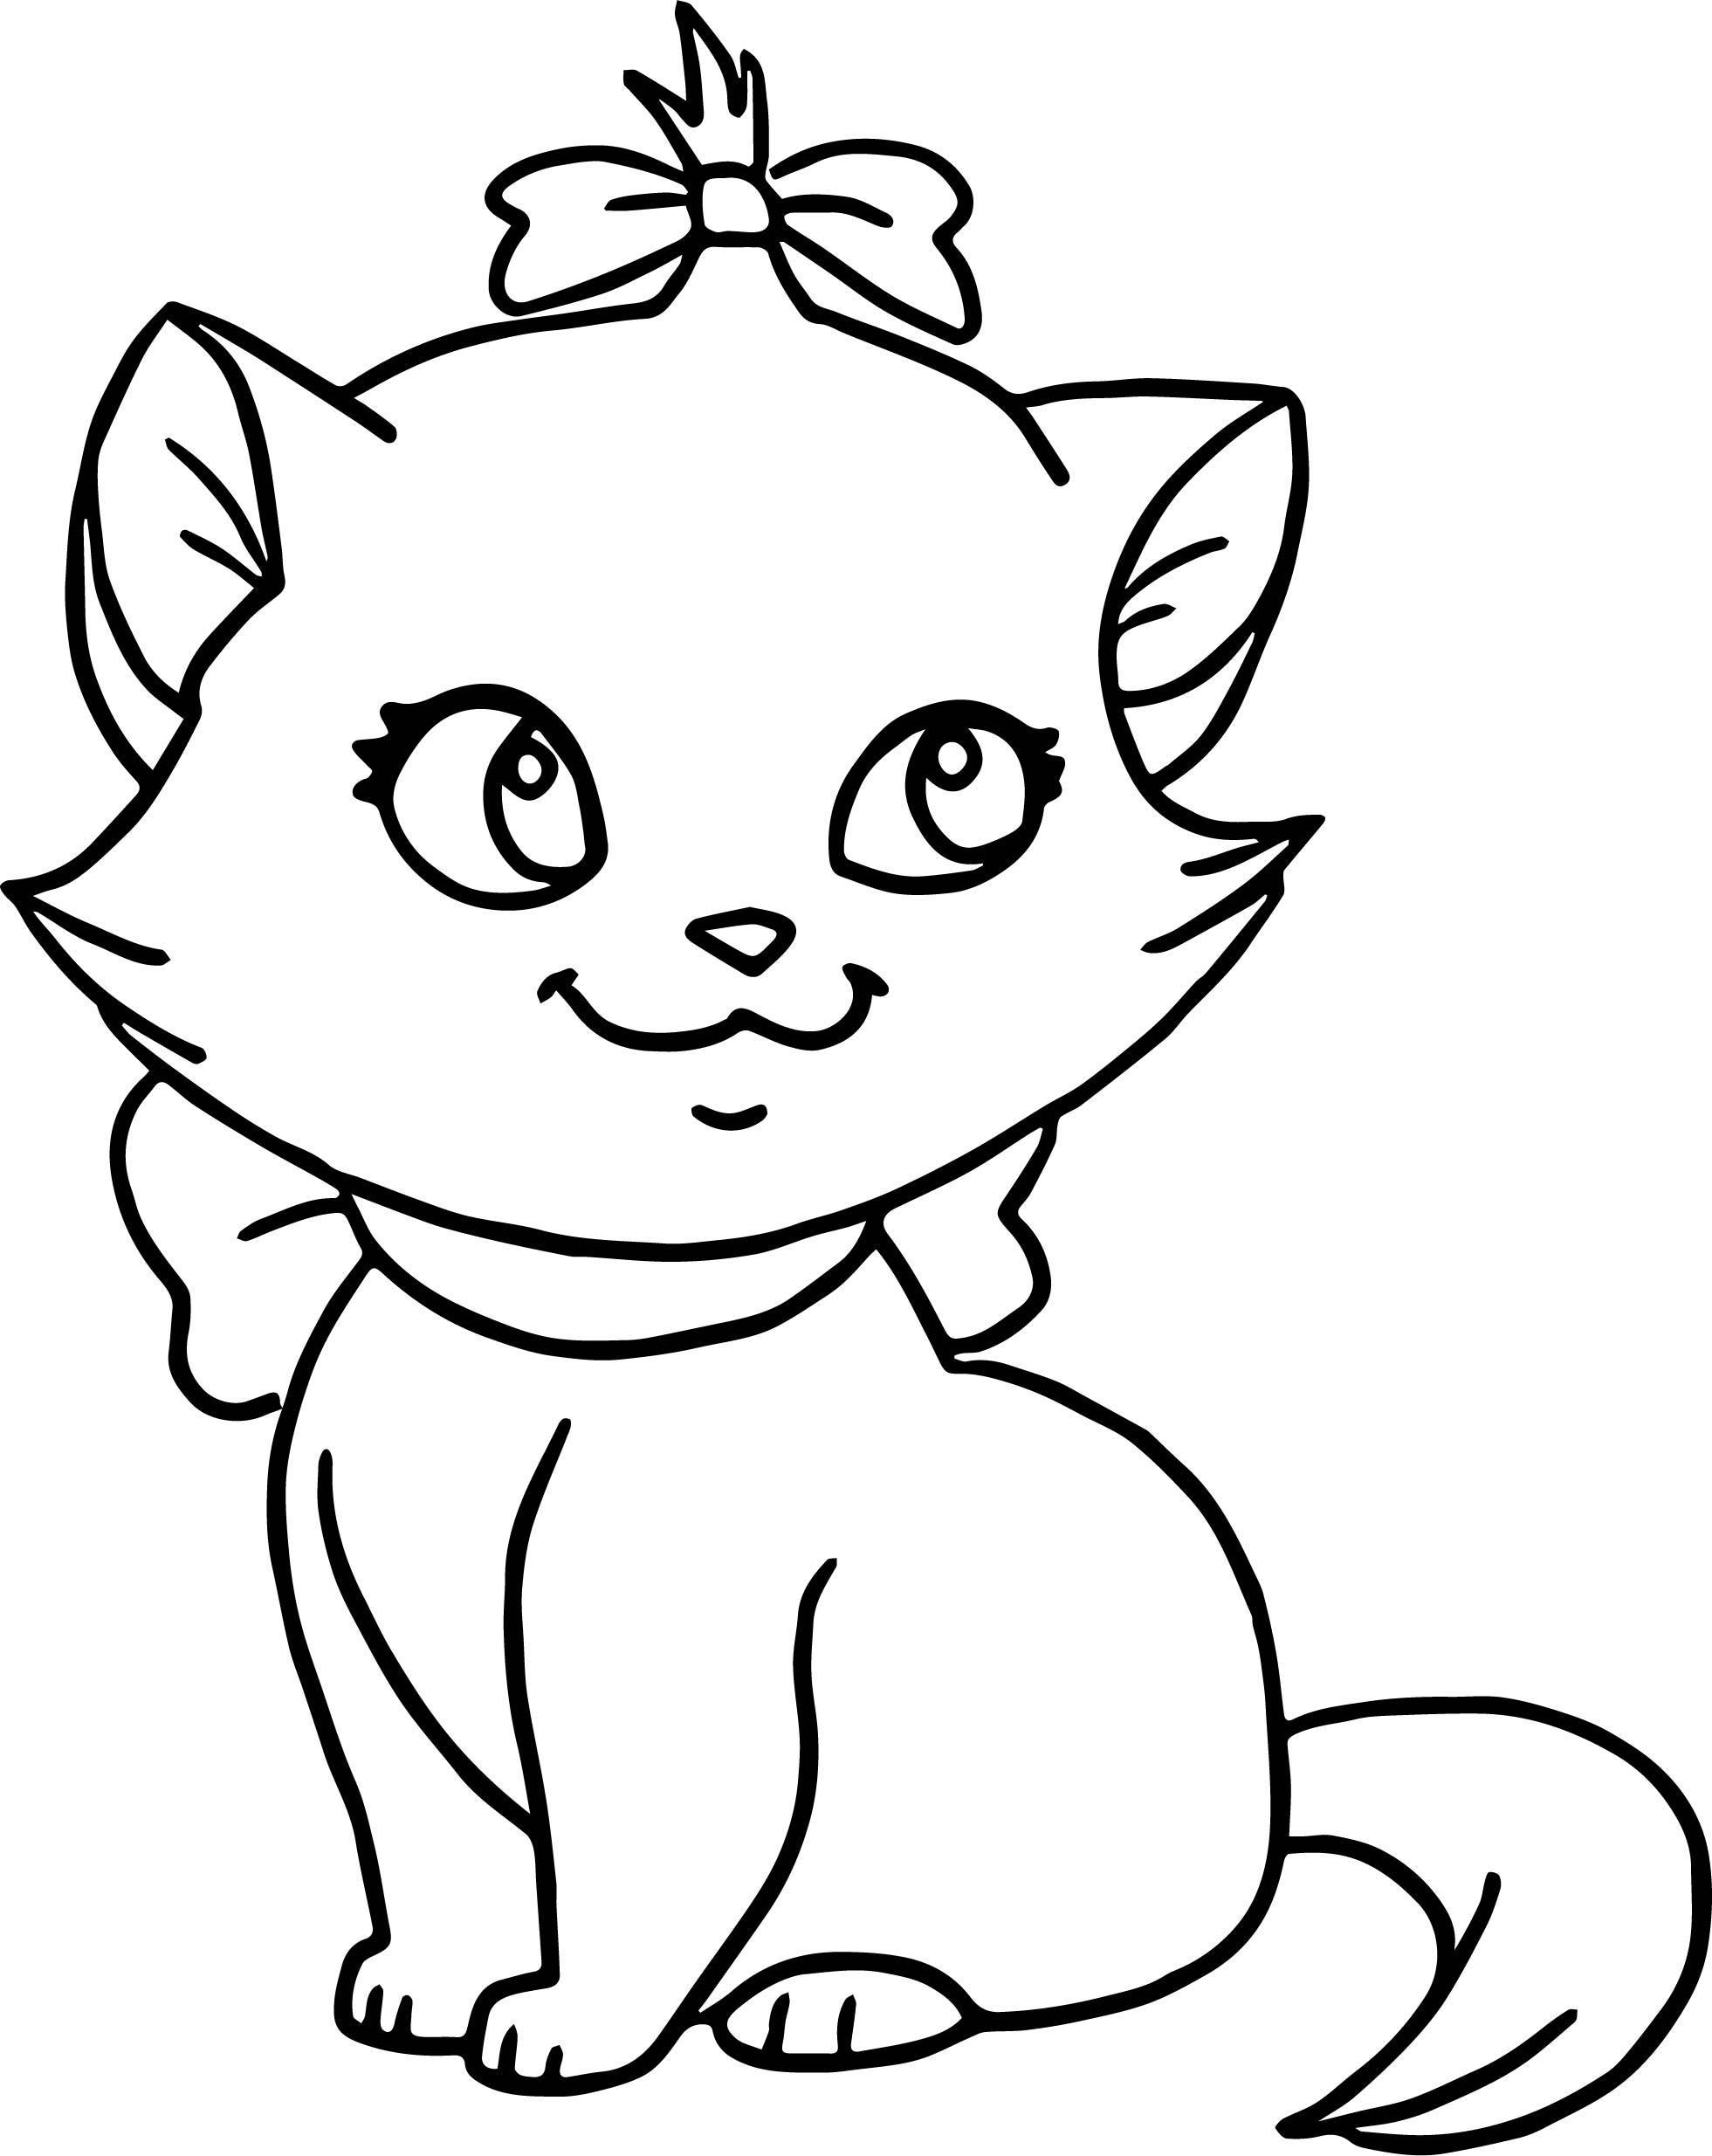 Tranh tô màu chú mèo đáng yêu buộc túm tóc nơ